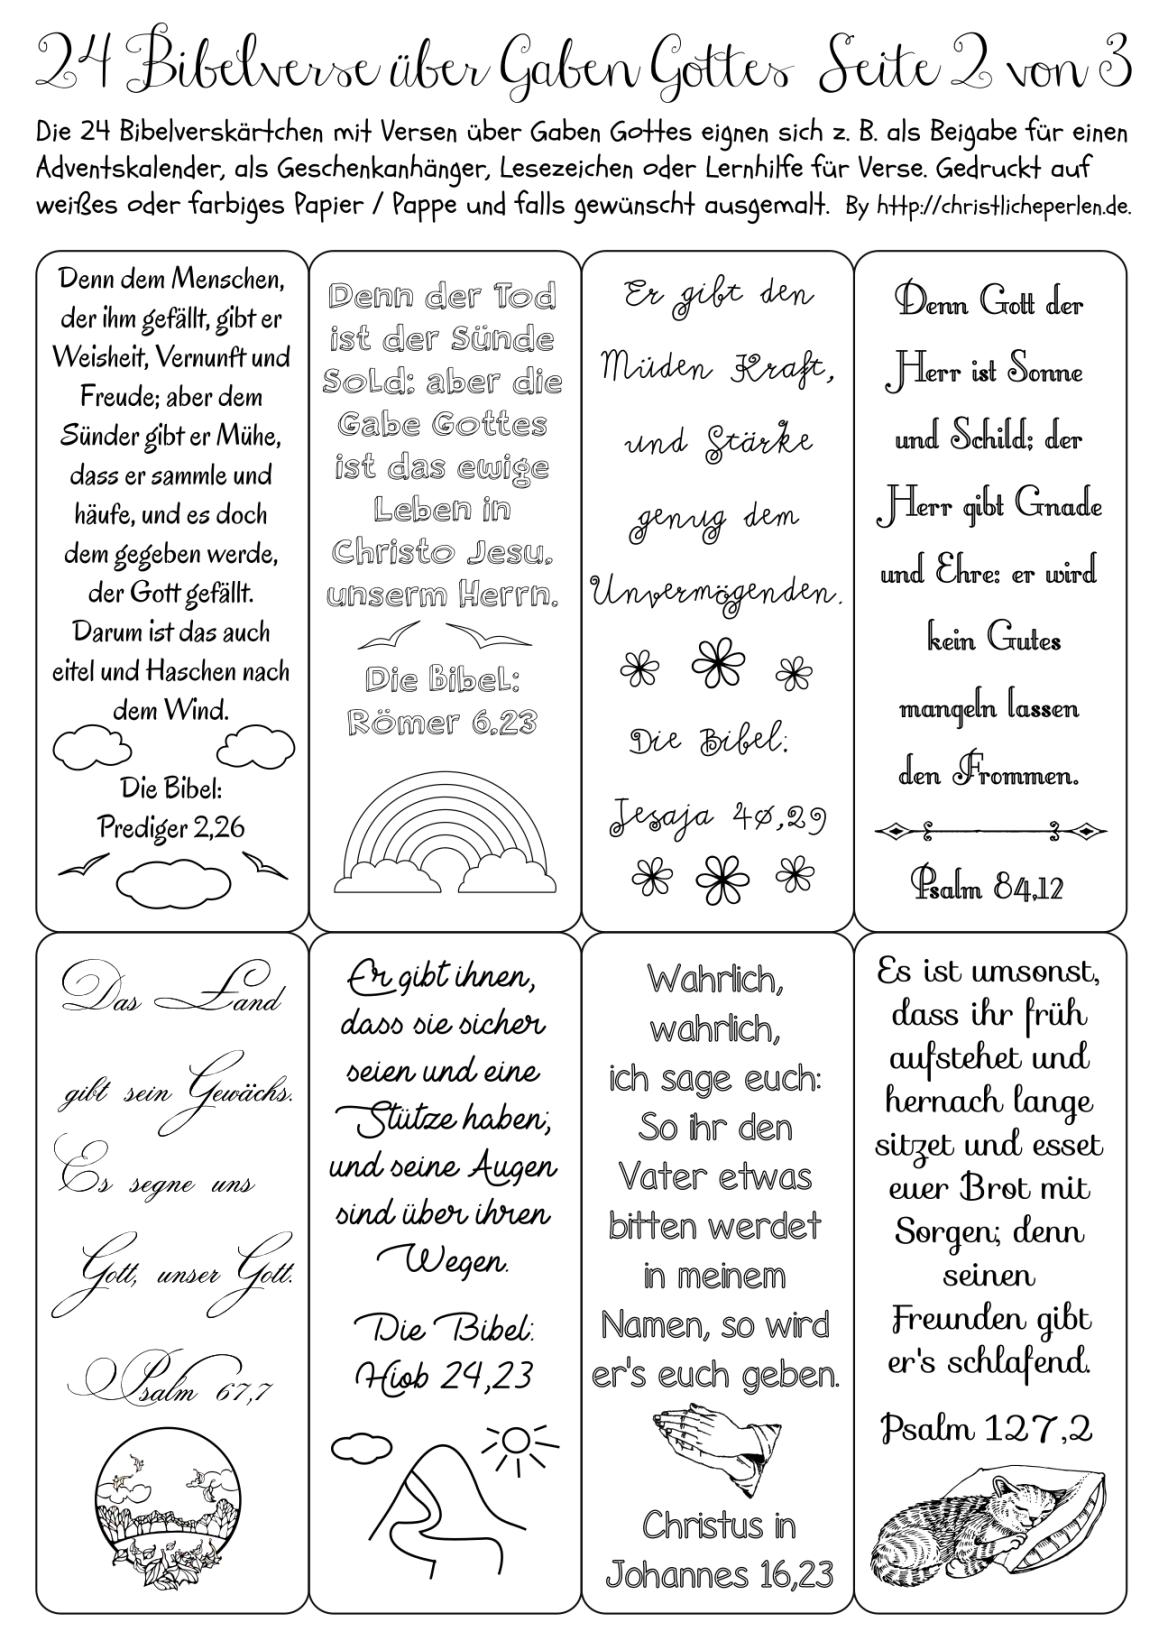 24 Bibelverse Z B Fur Einen Adventskalender Weihnachten Christlich Adventskalender Und Bibelverse